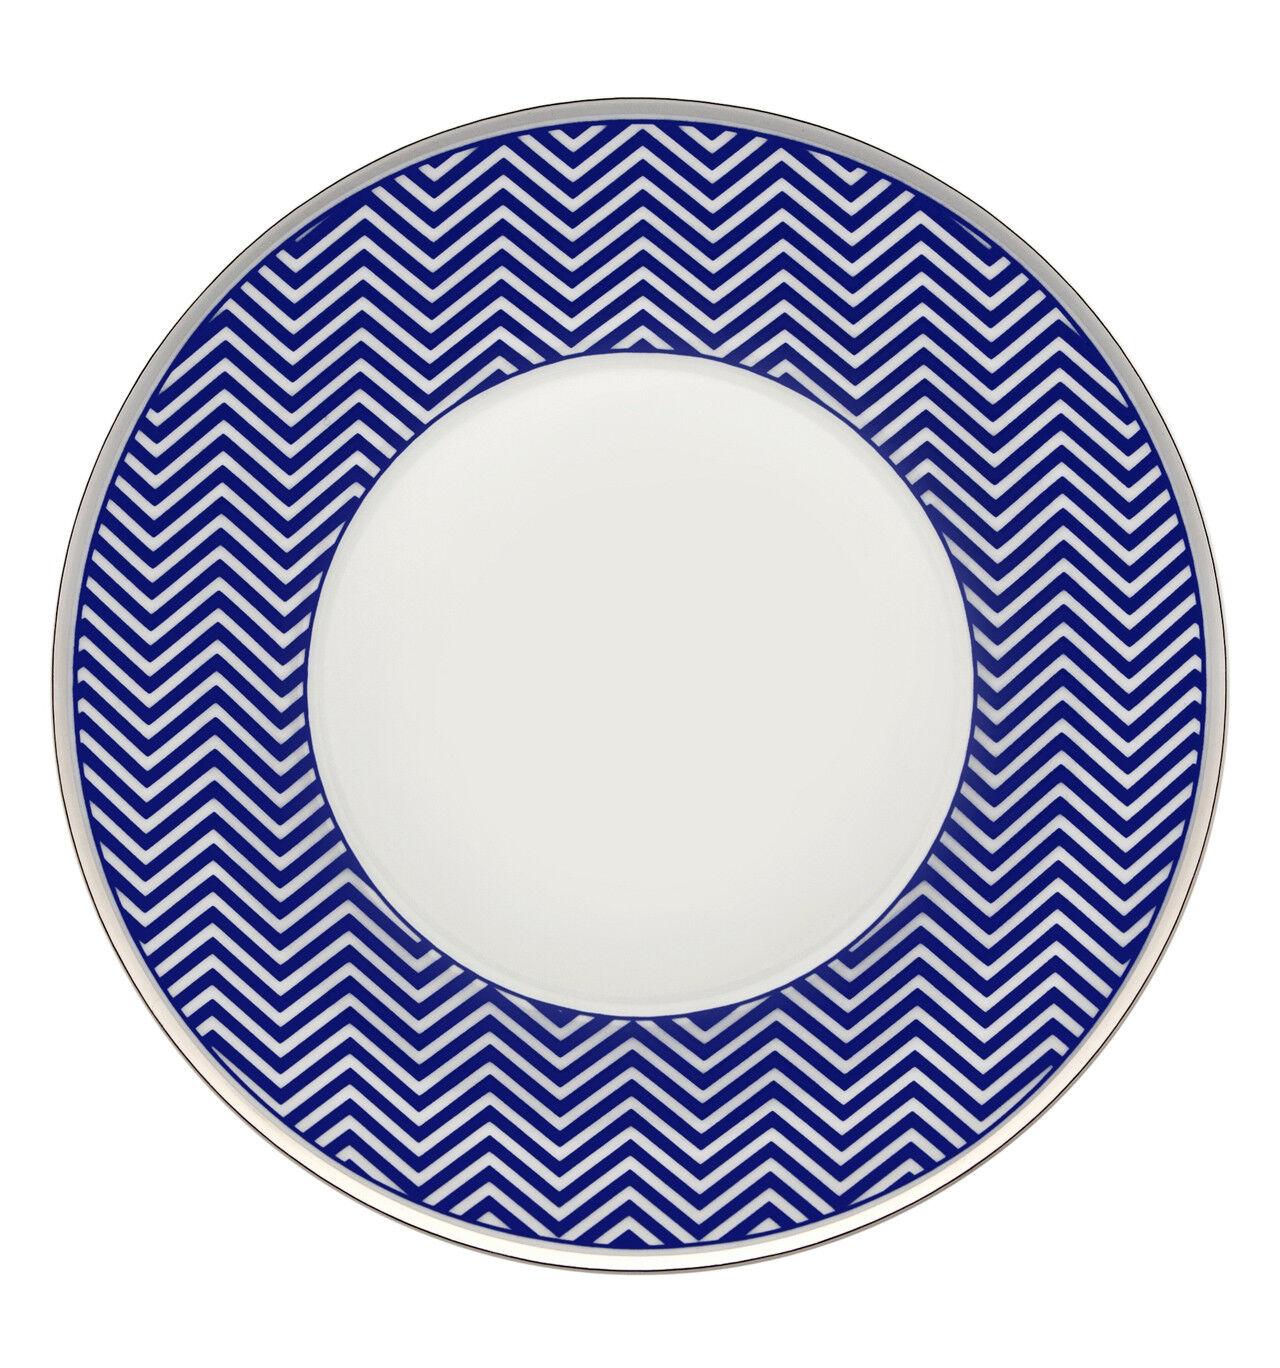 Vista Alegre Harvard Bread & Butter Plate - Set of 8